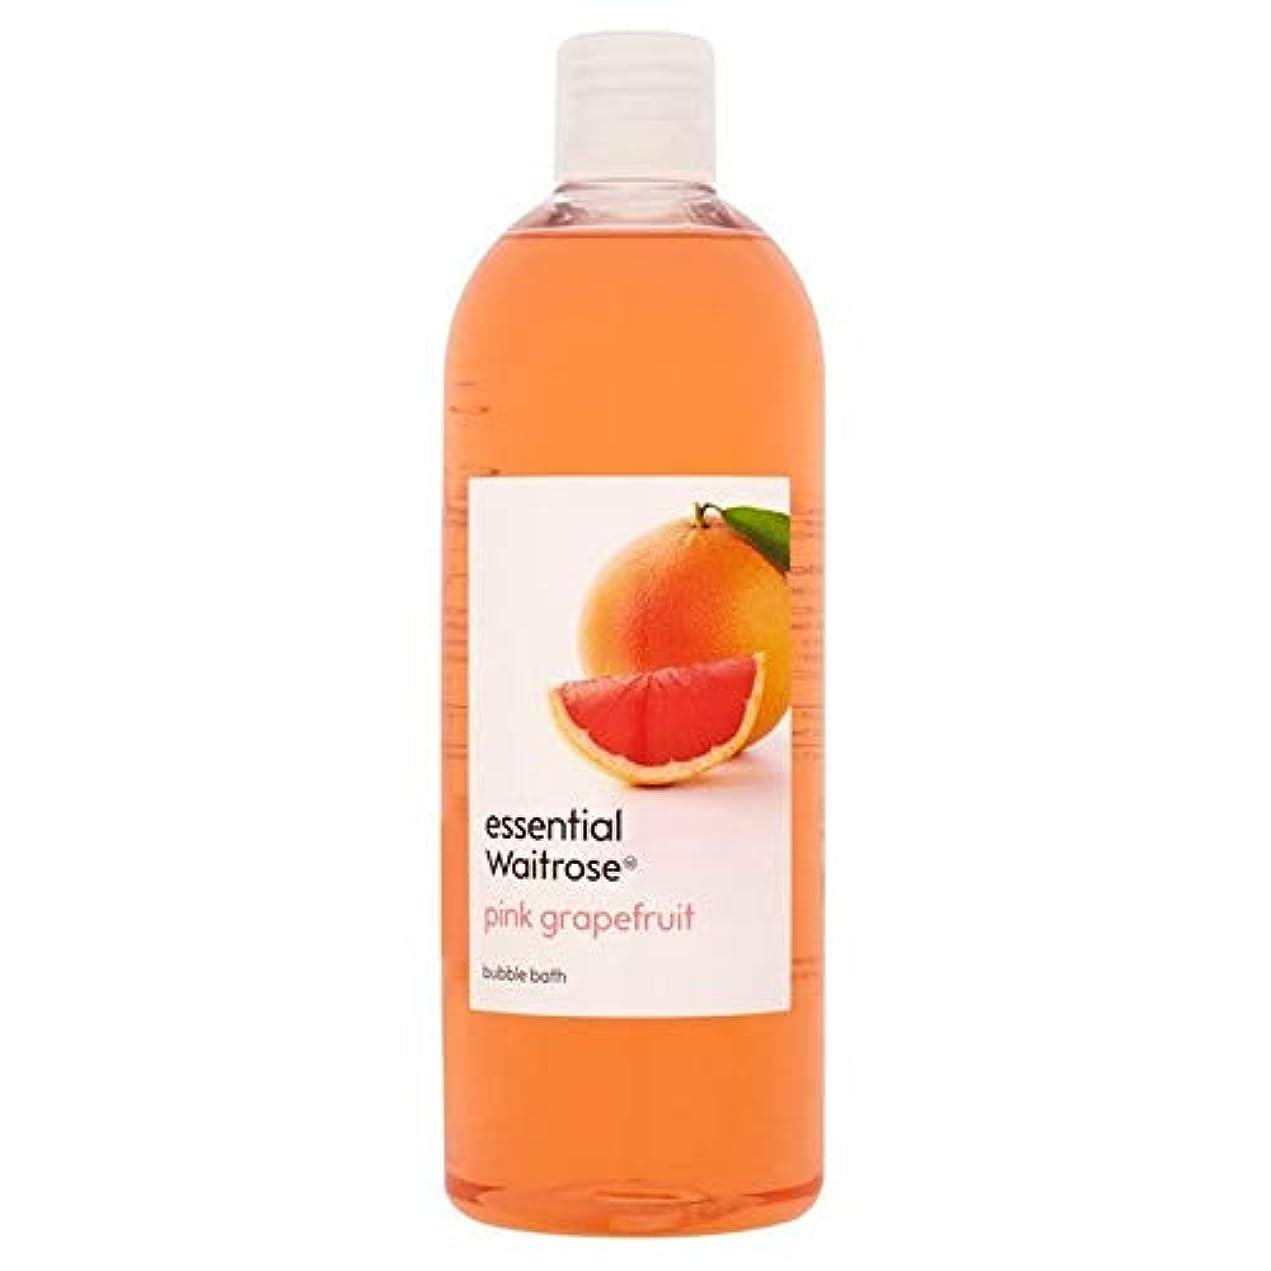 絶滅カフェ論争の的[Waitrose ] 基本的なウェイトローズの泡風呂ピンクグレープフルーツ750ミリリットル - Essential Waitrose Bubble Bath Pink Grapefruit 750ml [並行輸入品]